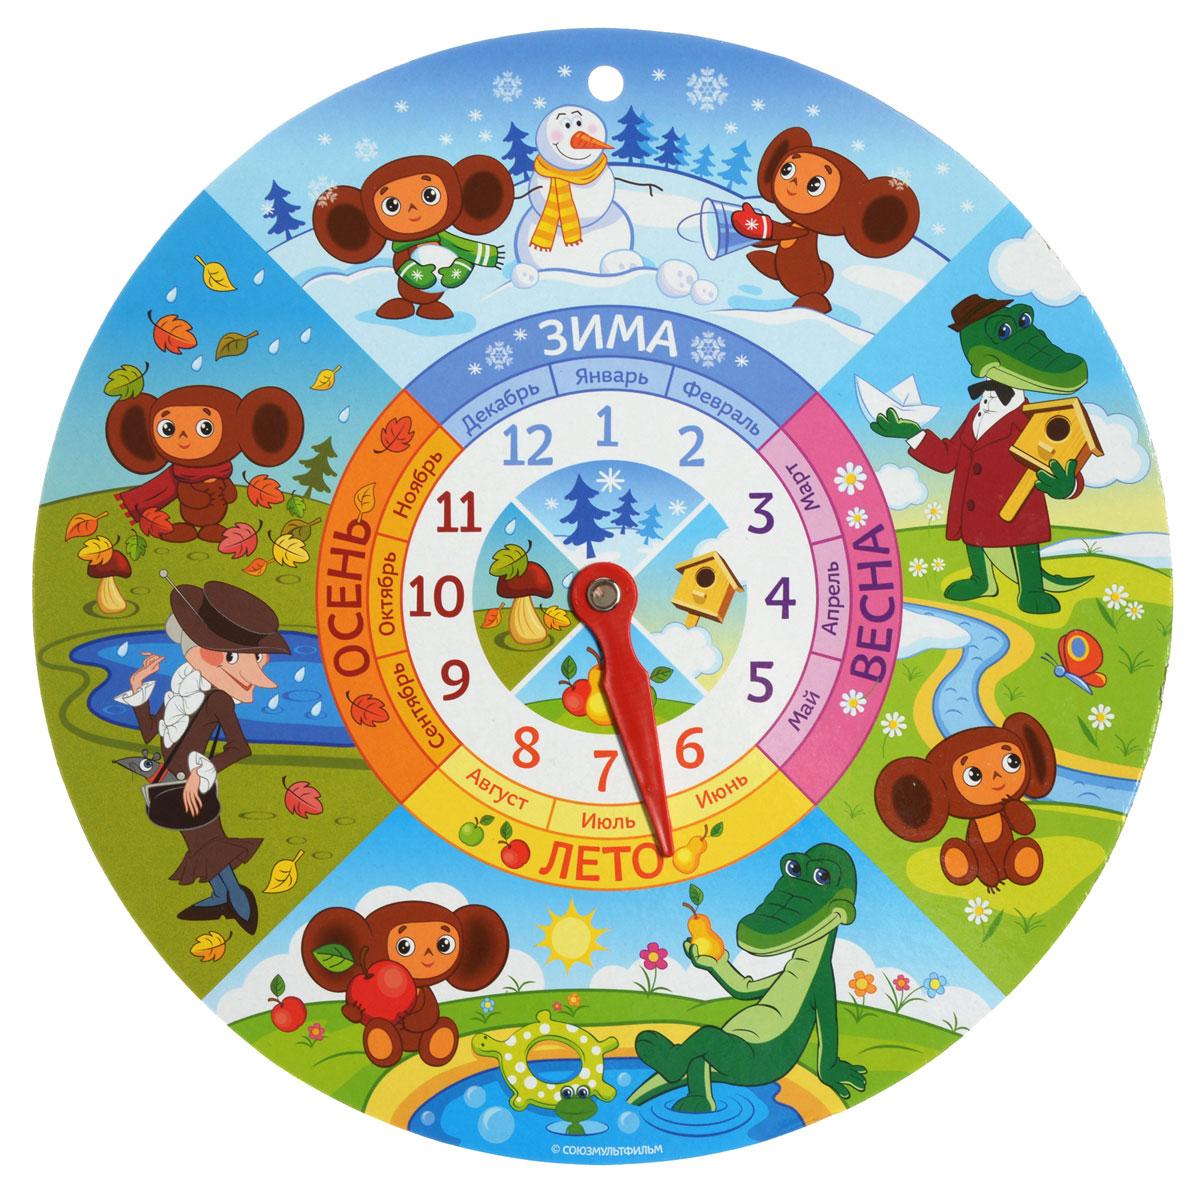 Русский стиль Обучающая игра Часы Чебурашка03093Обучающая игра Русский стиль Часы Чебурашка научат ребенка самостоятельно различать времена года, и определять, который сейчас час. Игра выполнена в виде круглых картонных часов с двусторонней печатью и пластиковыми стрелками. С одной стороны часов изображены времена года, разделенные секторами. В каждом секторе нарисованы герои мультфильма про Чебурашку и крокодила Гену, весело проводящие время в зависимости от времени года. В центре круга находится пластиковый указатель-стрелка, который легко вращается. С другой стороны изображены классические часы с двумя пластиковыми стрелками. Внешний циферблат выполнен в 12-часовом формате времени. Внутренний - в 24-часовом формате времени. По периферии циферблата нарисованы Чебурашка и крокодил Гена. В верхней части часов имеется отверстие, с помощью которого часы можно повесить на веревочку. Обучающая игра Русский стиль Часы Чебурашка станет отличным подспорьем в освоении малышом деления на времена года и...